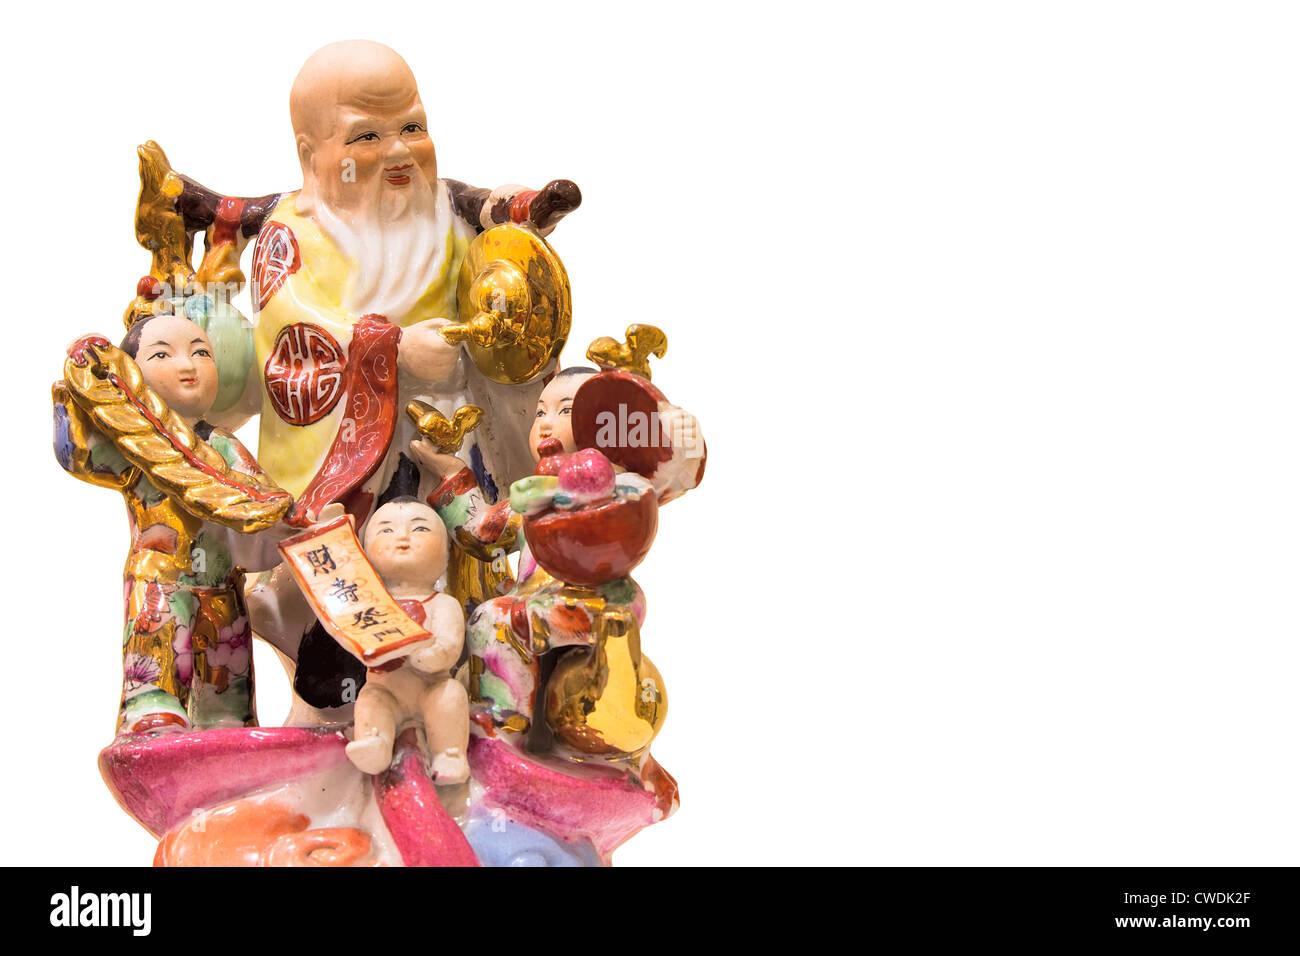 Longevità Dio antiche porcellane Figurine con tre bambini di prosperità isolati su sfondo bianco Immagini Stock